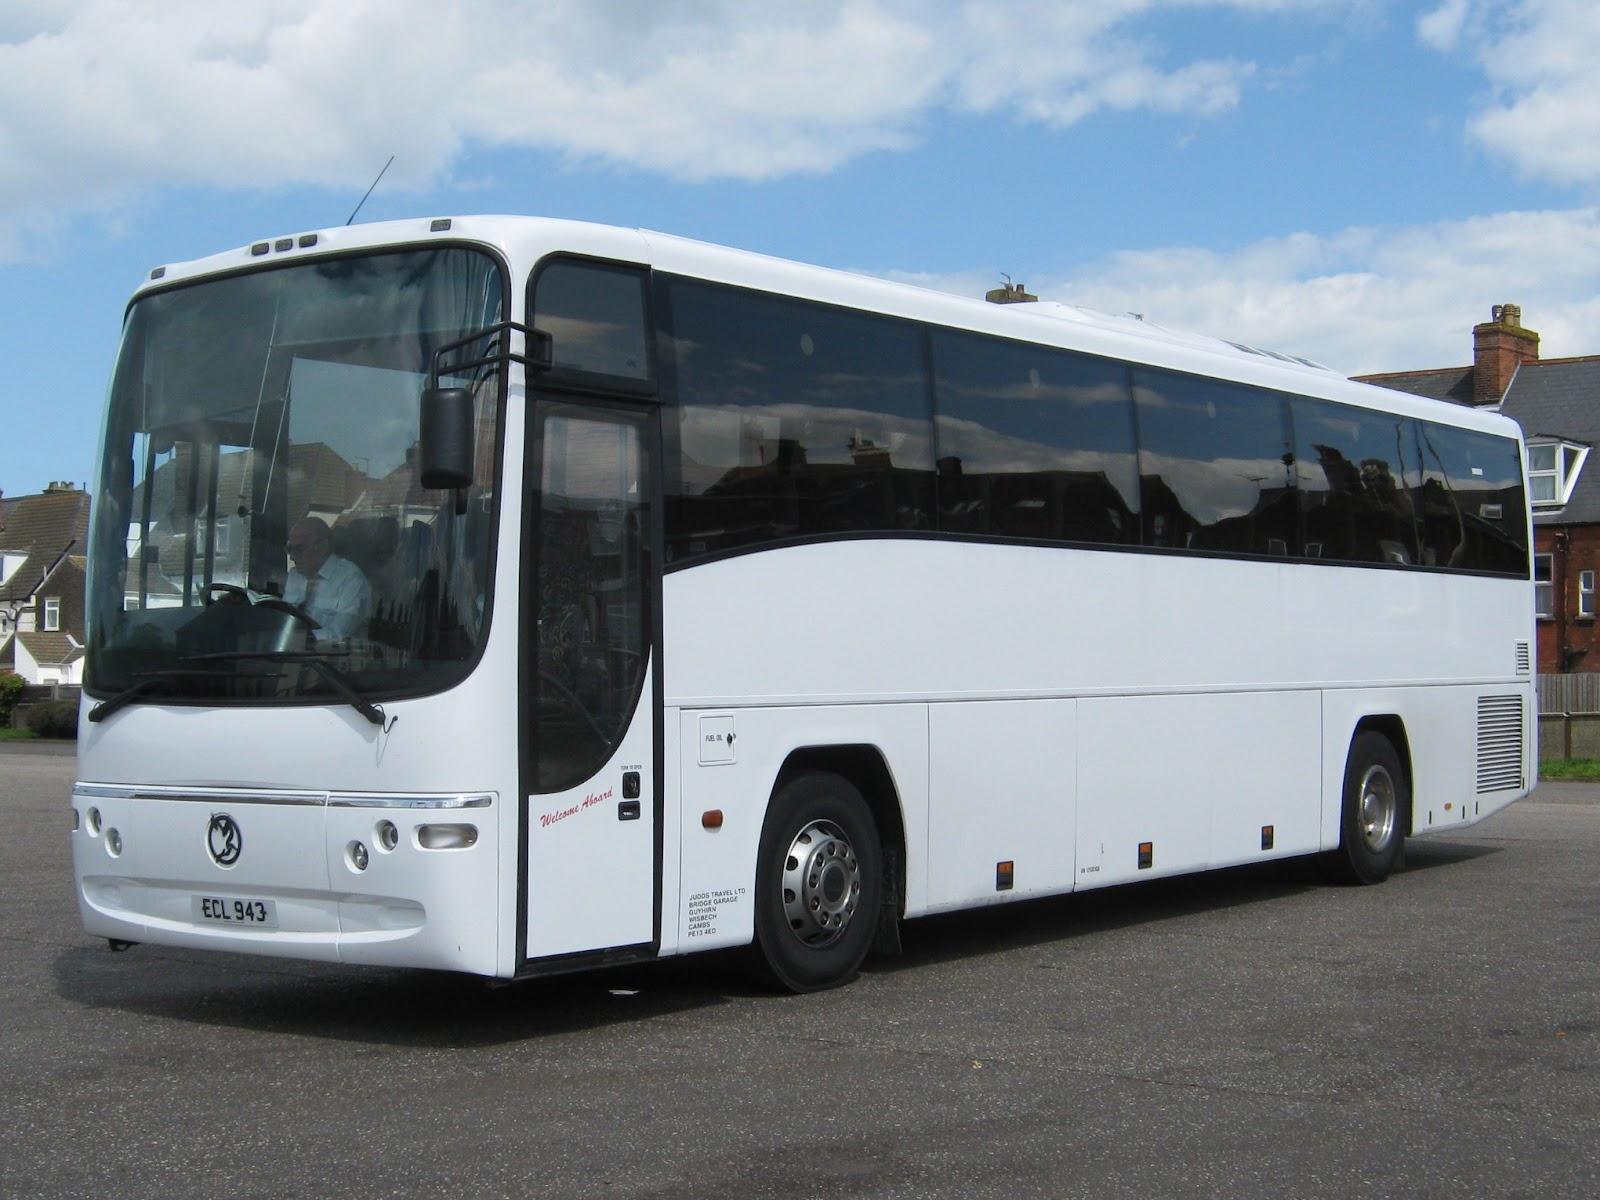 Minibus hire and coach hire - Coach2- derby minibus company